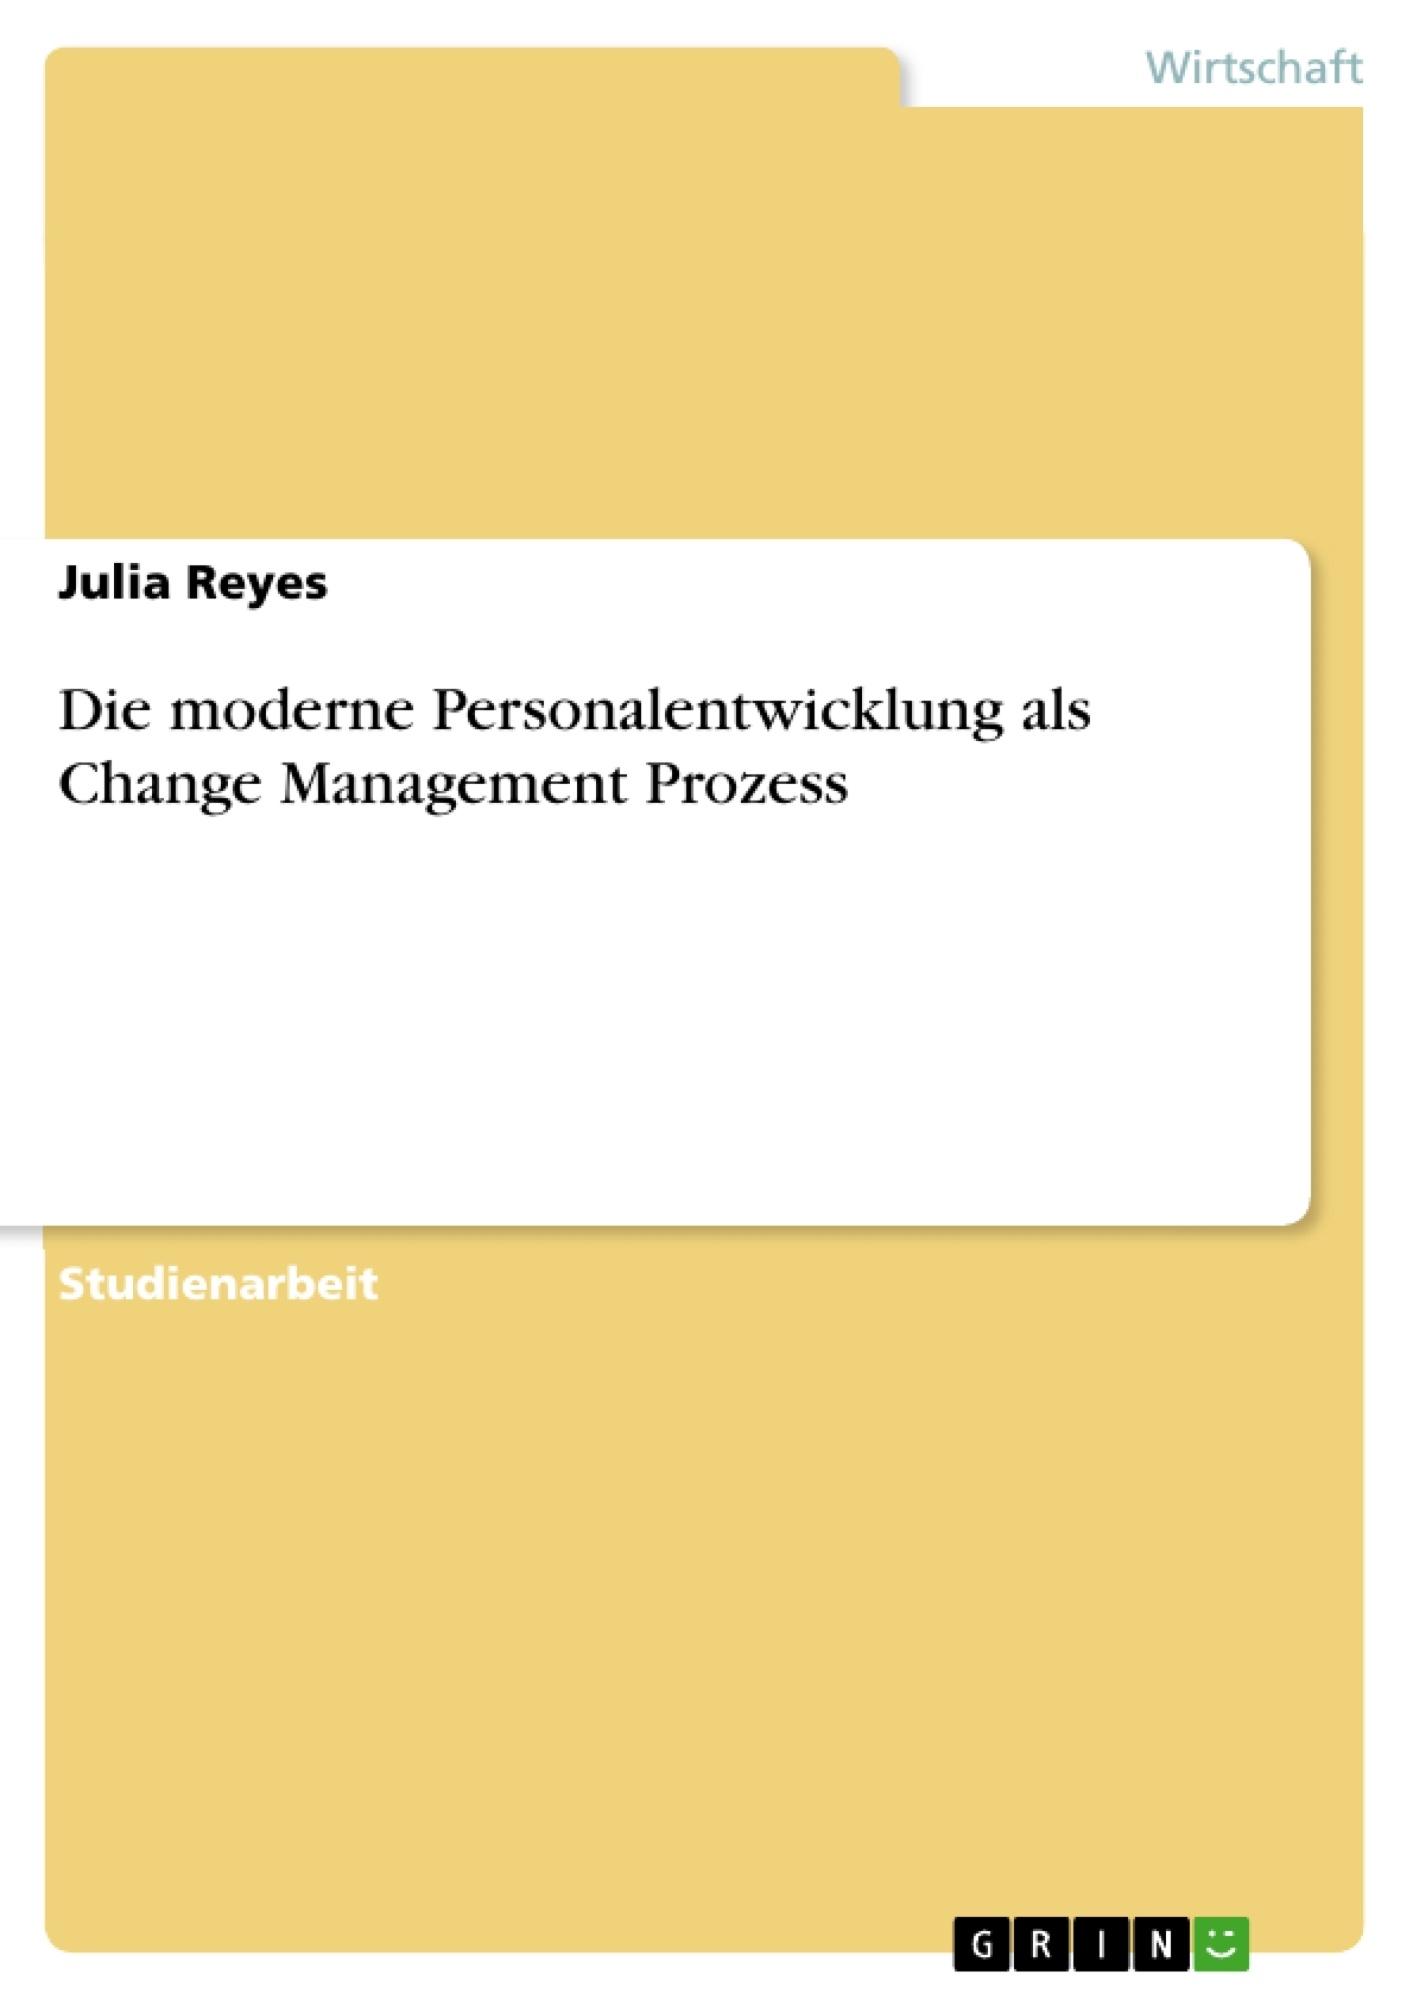 Titel: Die moderne Personalentwicklung als Change Management Prozess